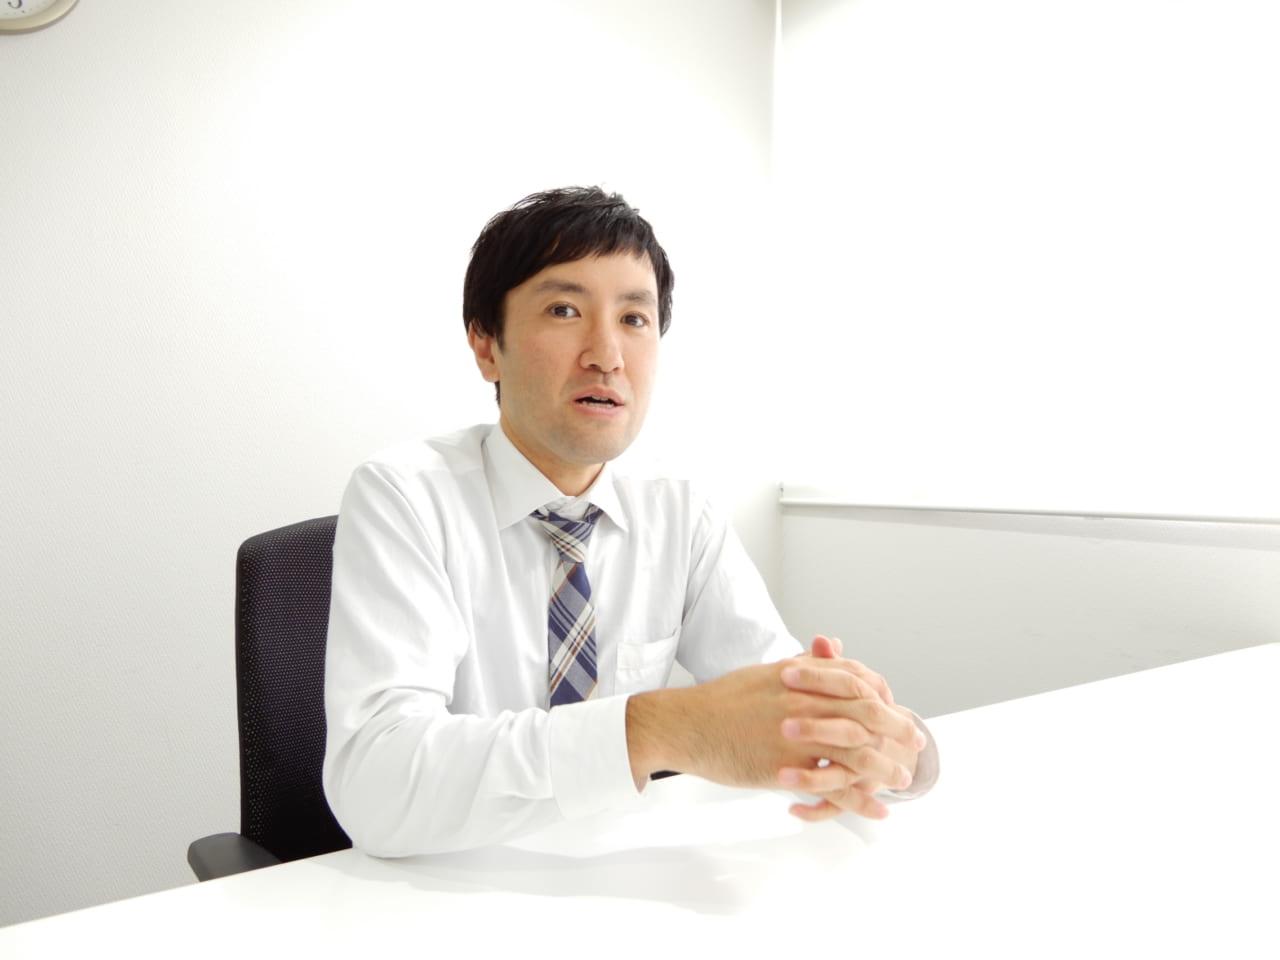 ヒロセ通商東野さん話す様子2